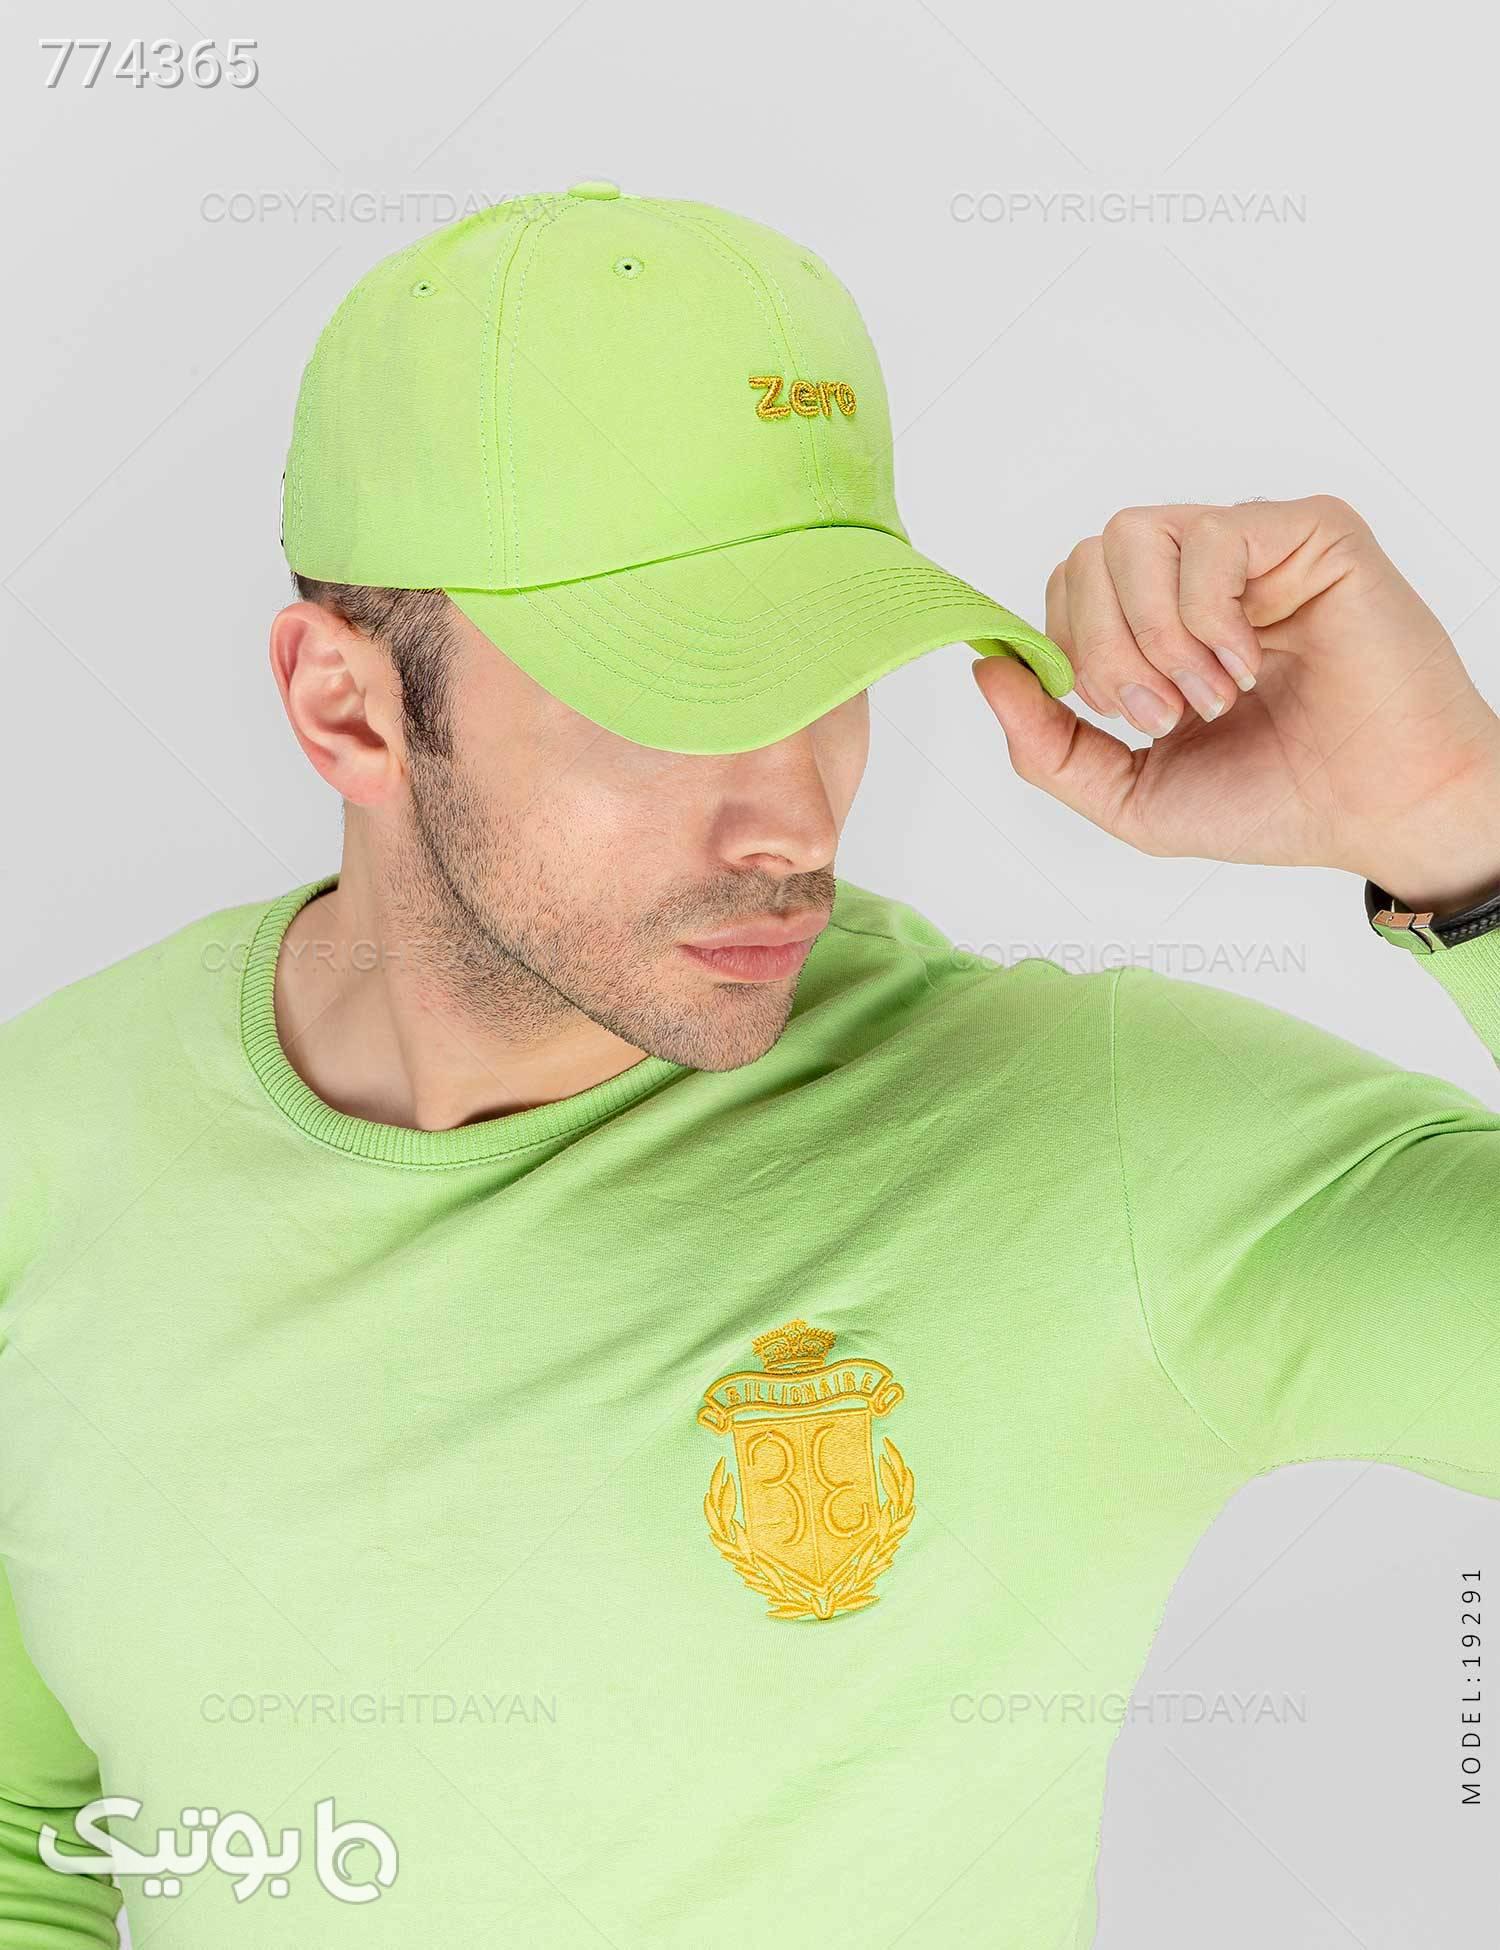 کلاه کپ Stark مدل 19291 سبز کلاه و اسکارف